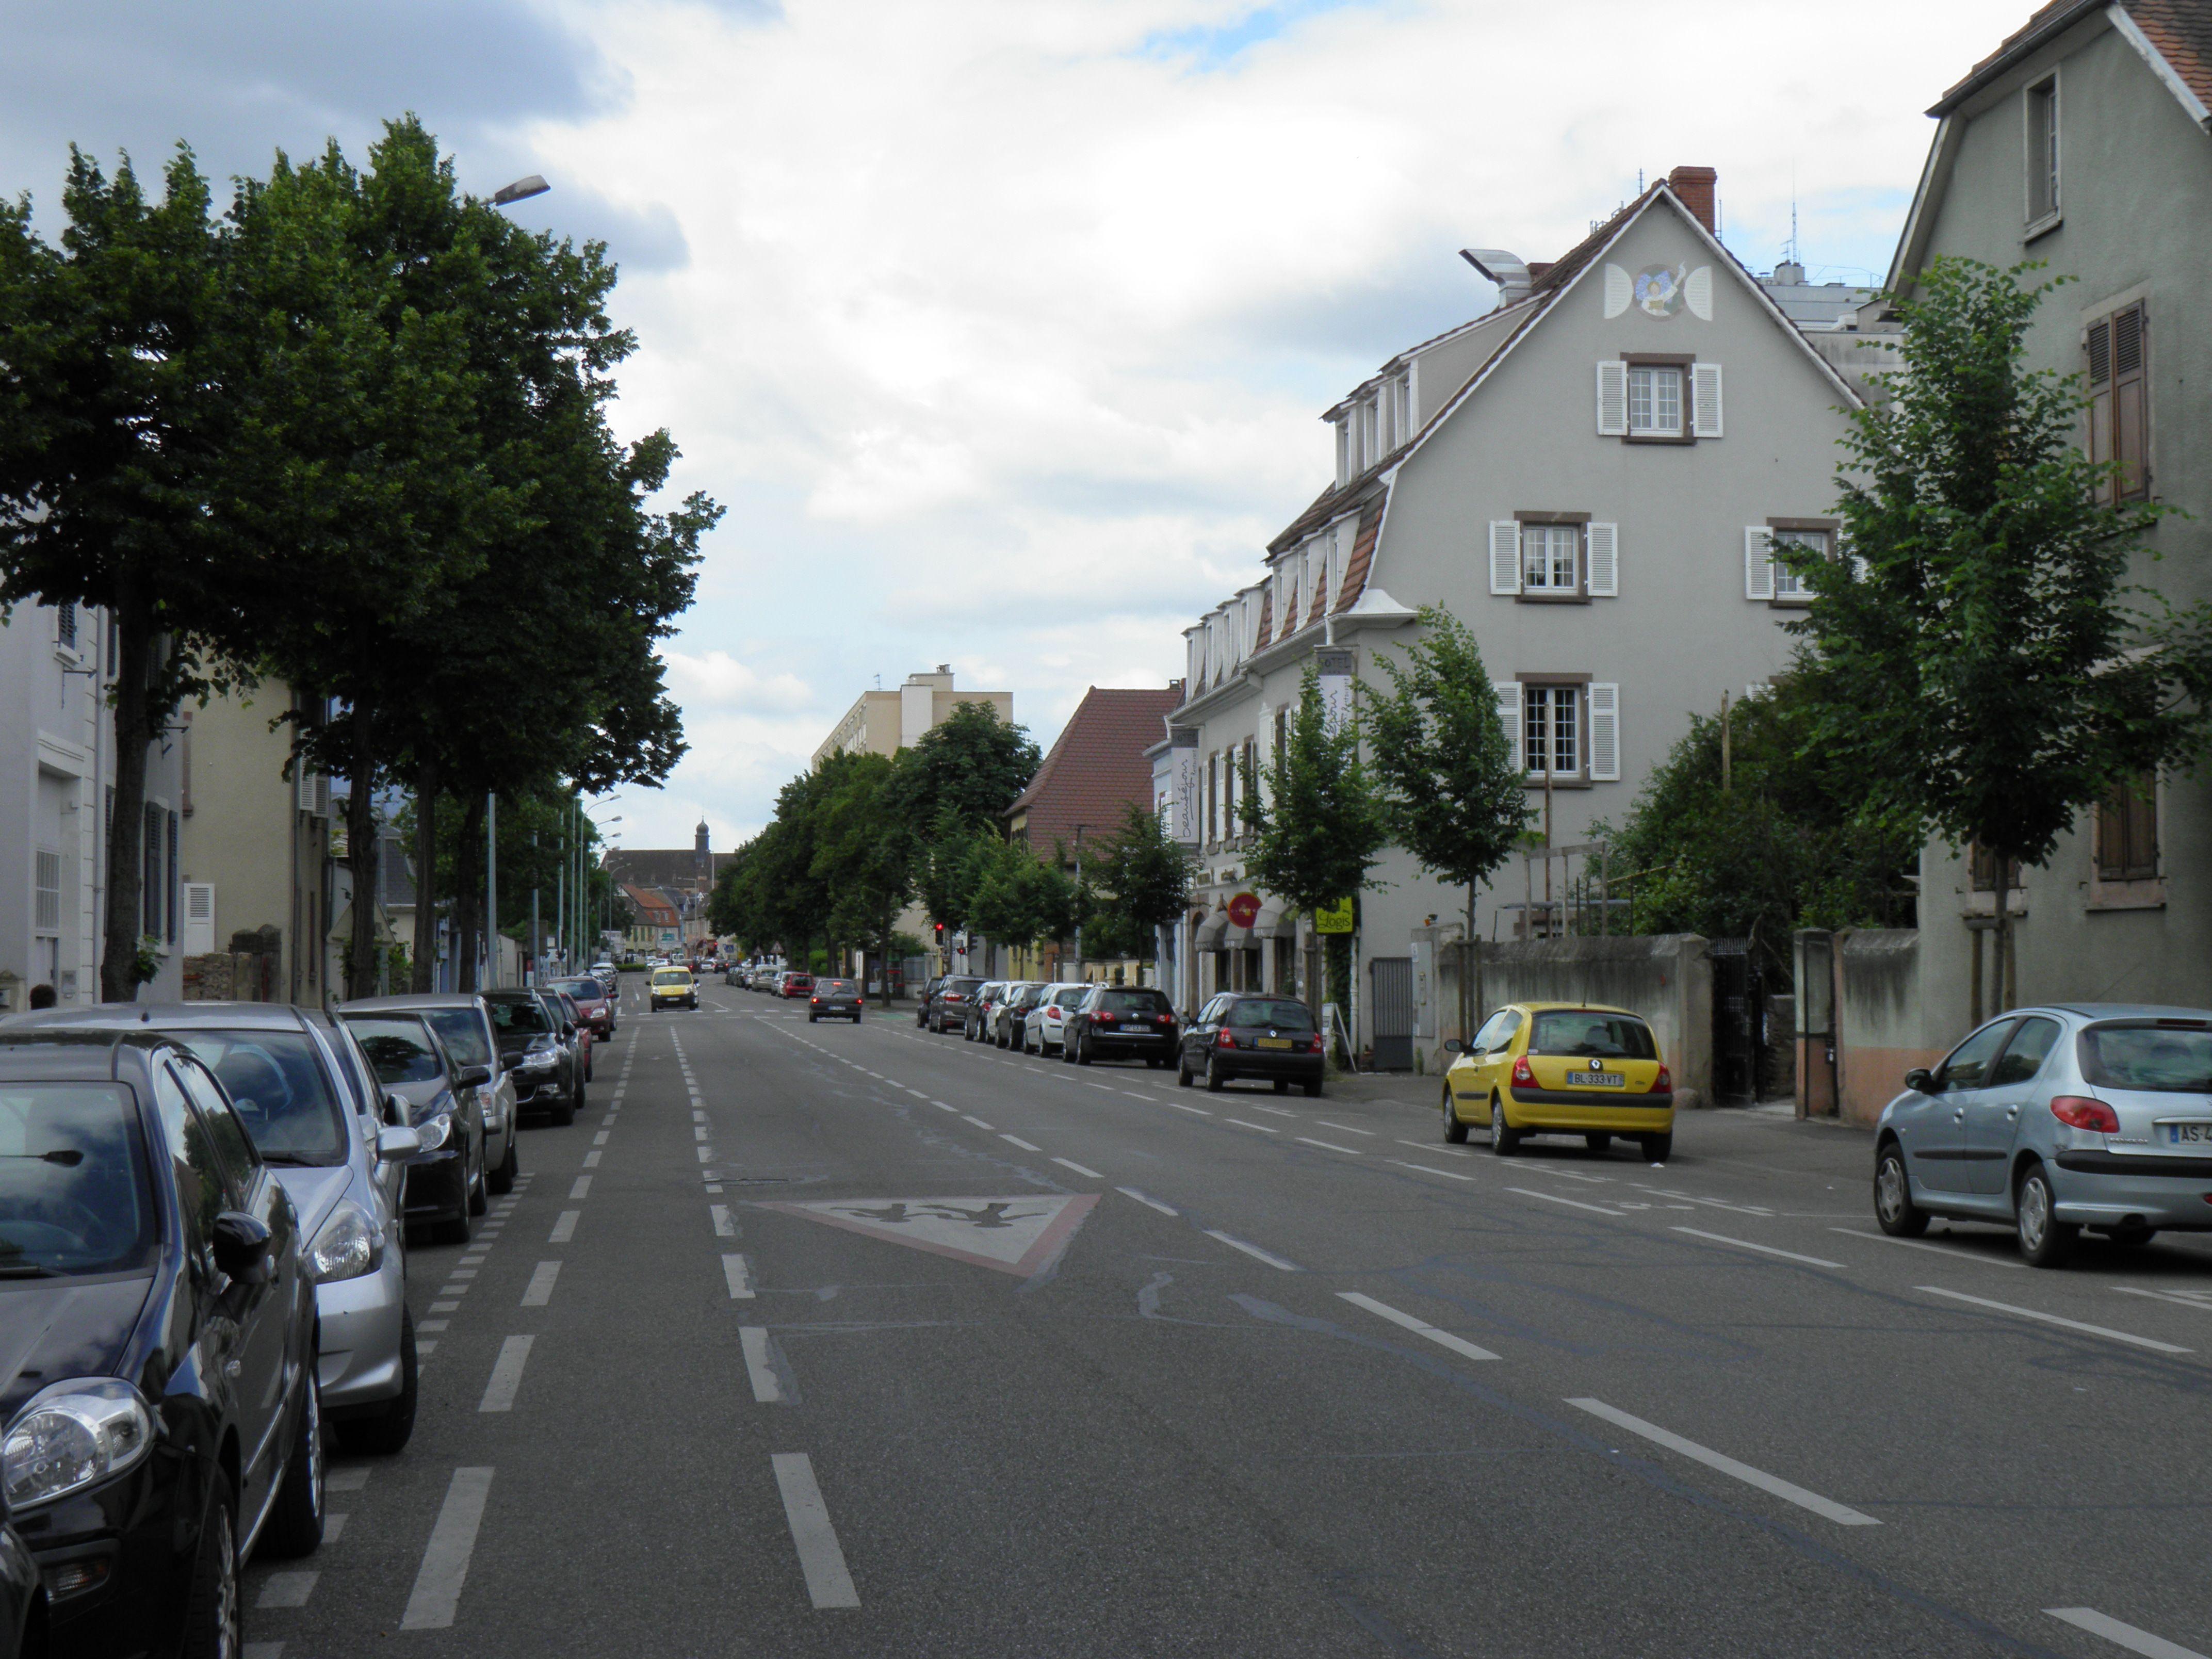 rue du ladhof wikipedia